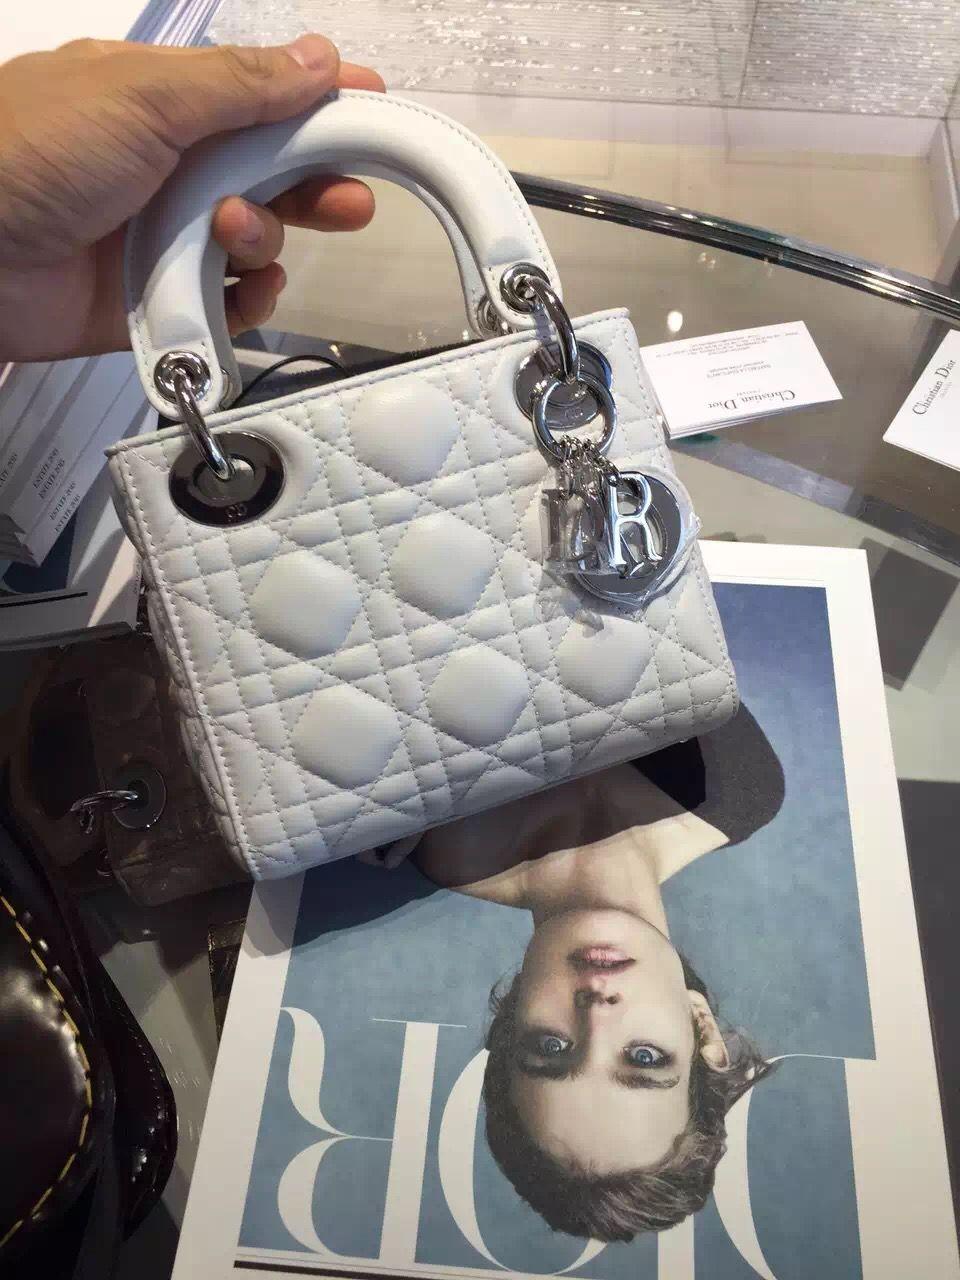 d604170489c4 Dior Mini Lady Dior Bag